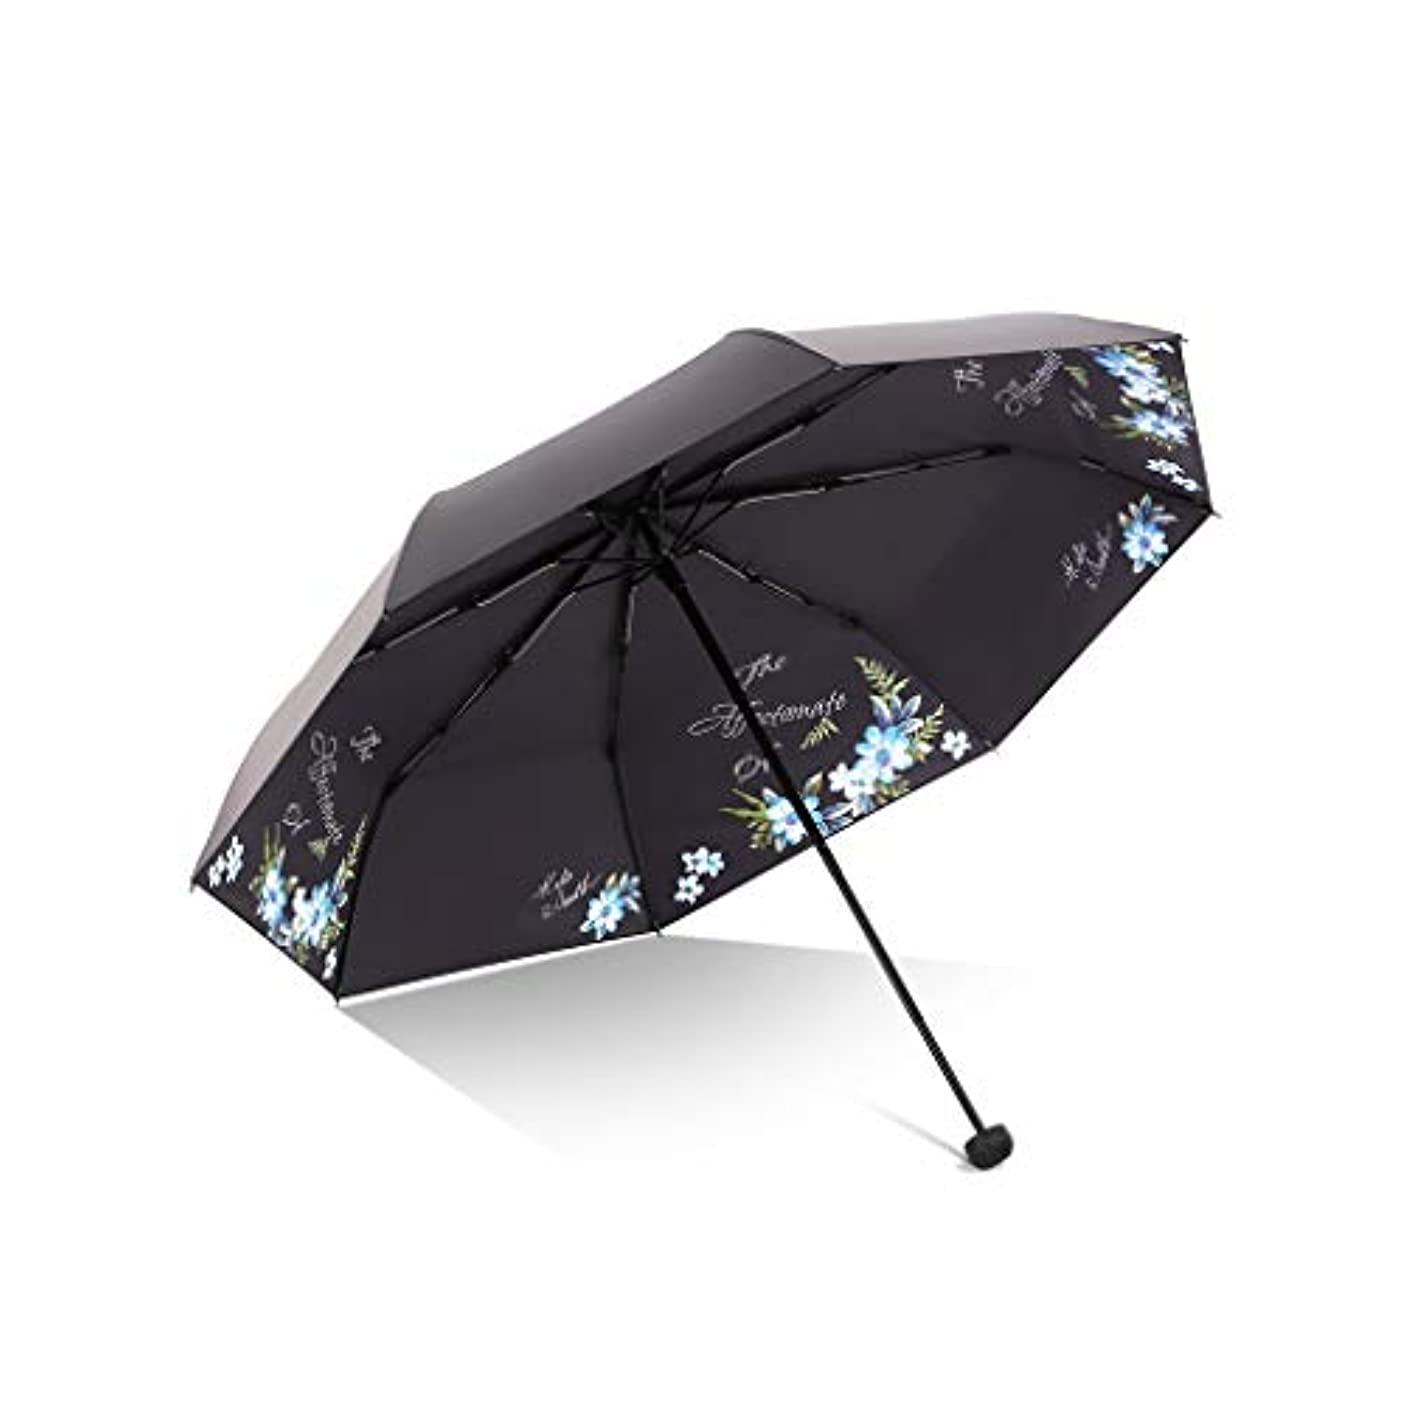 ラウズサスティーンで出来ている傘、自動開閉の旅行傘強化換気と防風フレームポータブルコンパクト折りたたみ軽量デザインと高い耐風性 (Color : Blue, Size : L)